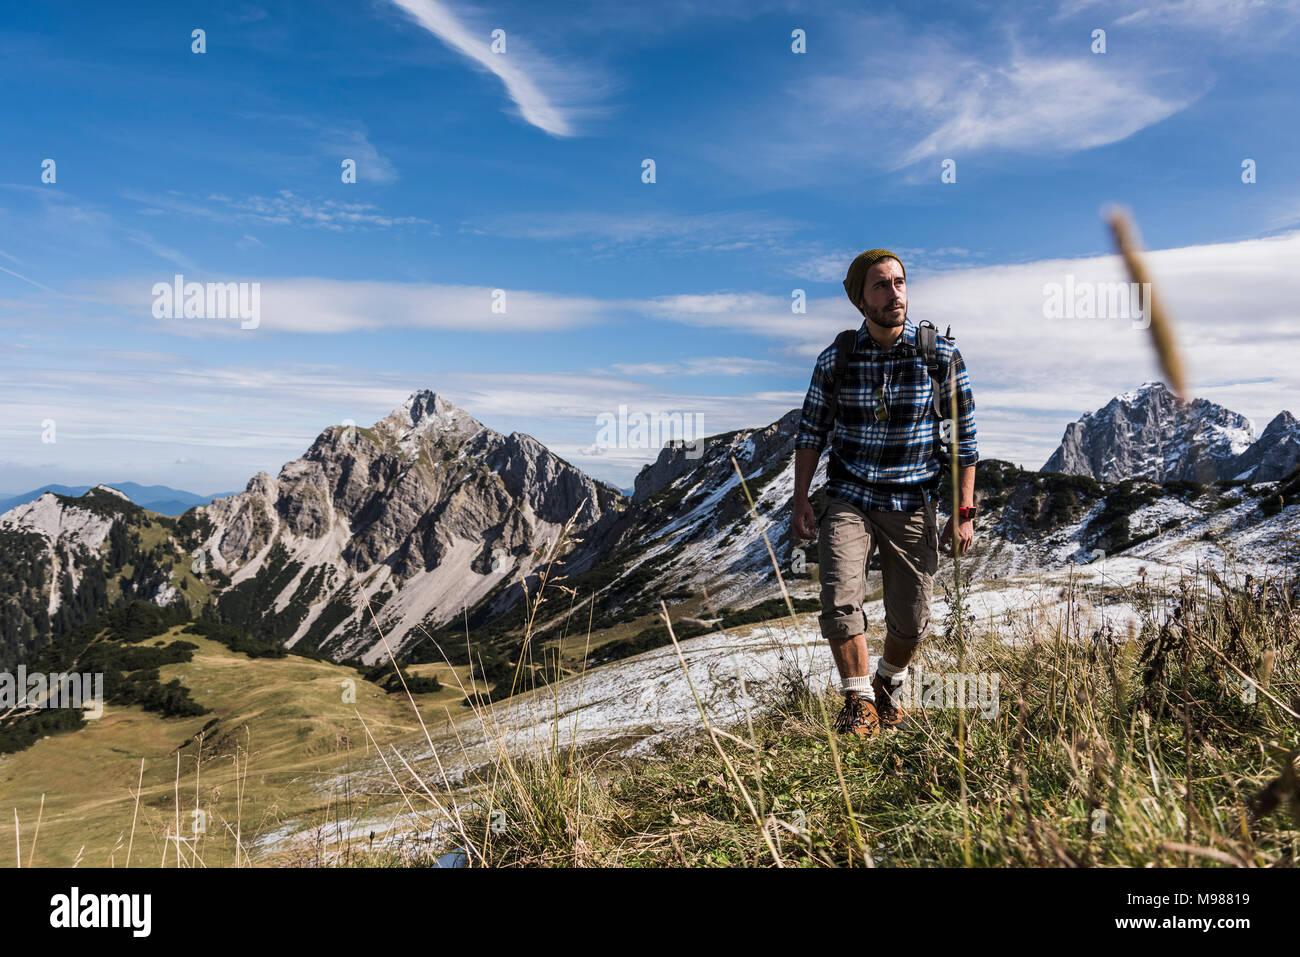 Österreich, Tirol, junger Mann in den Bergen wandern Stockfoto